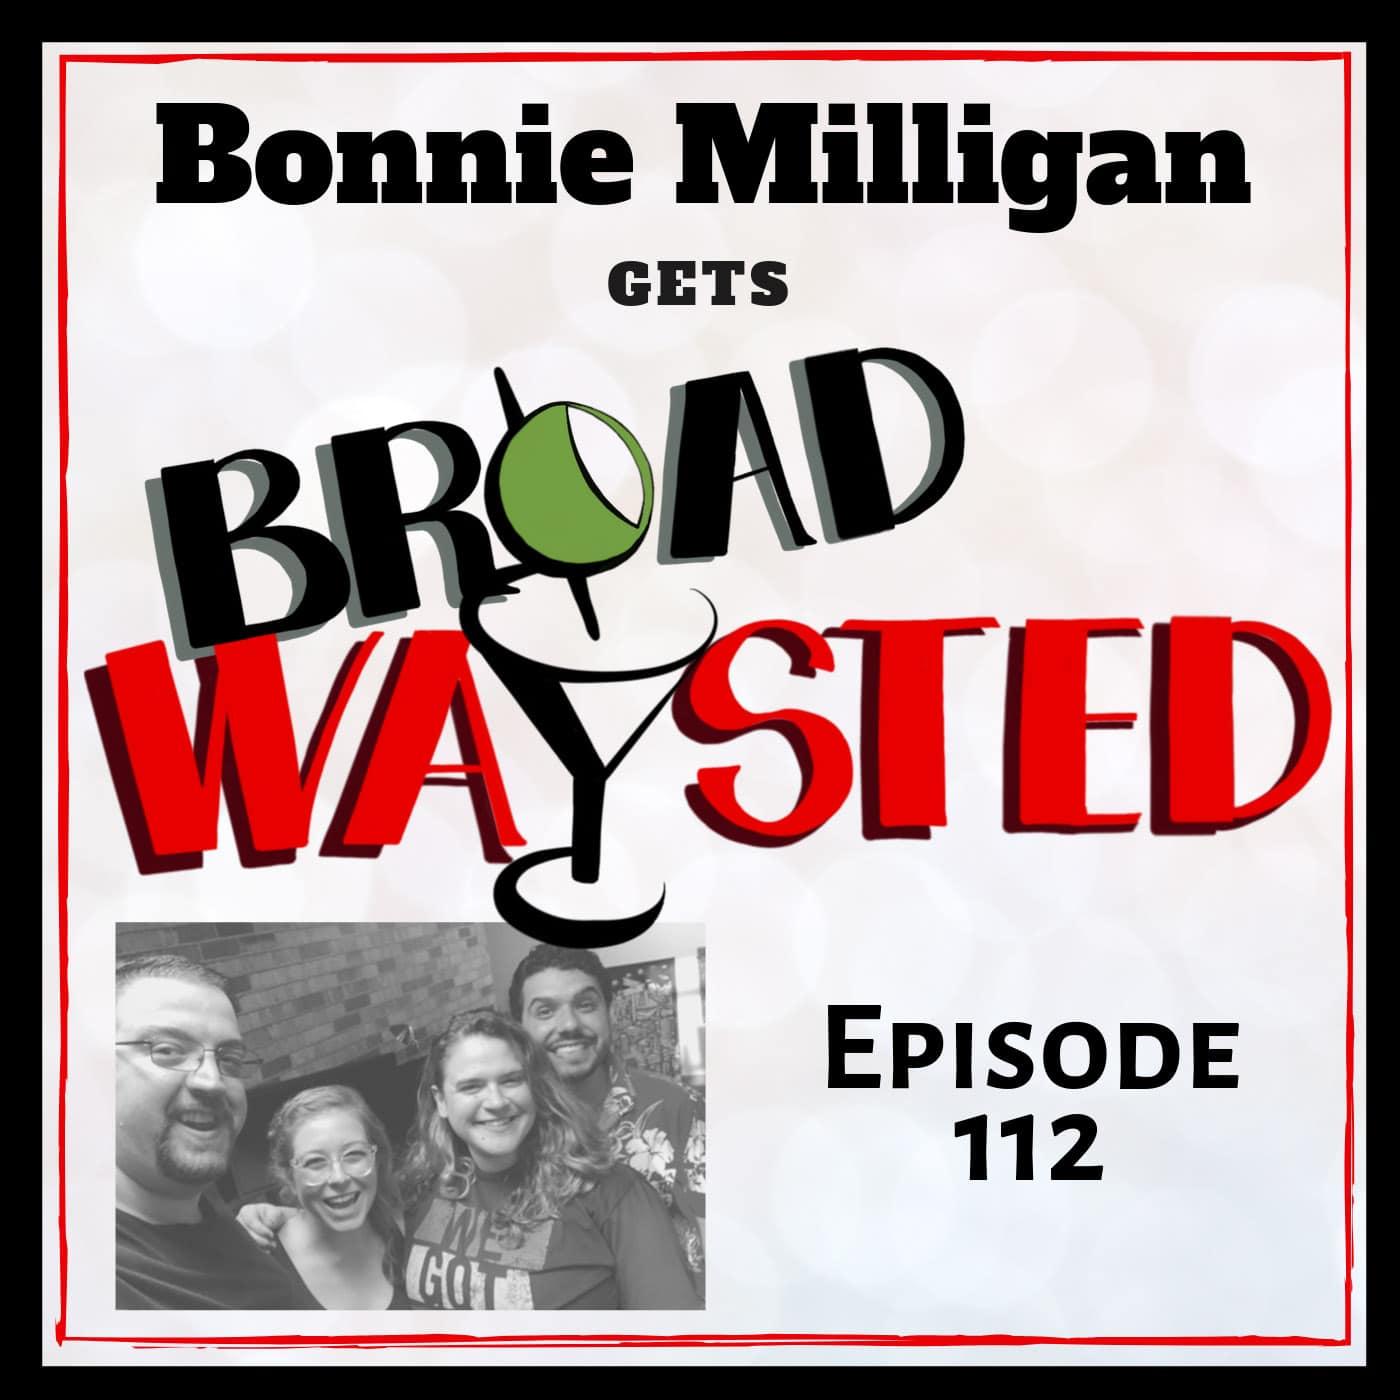 Broadwaysted Ep 112 Bonnie Milligan